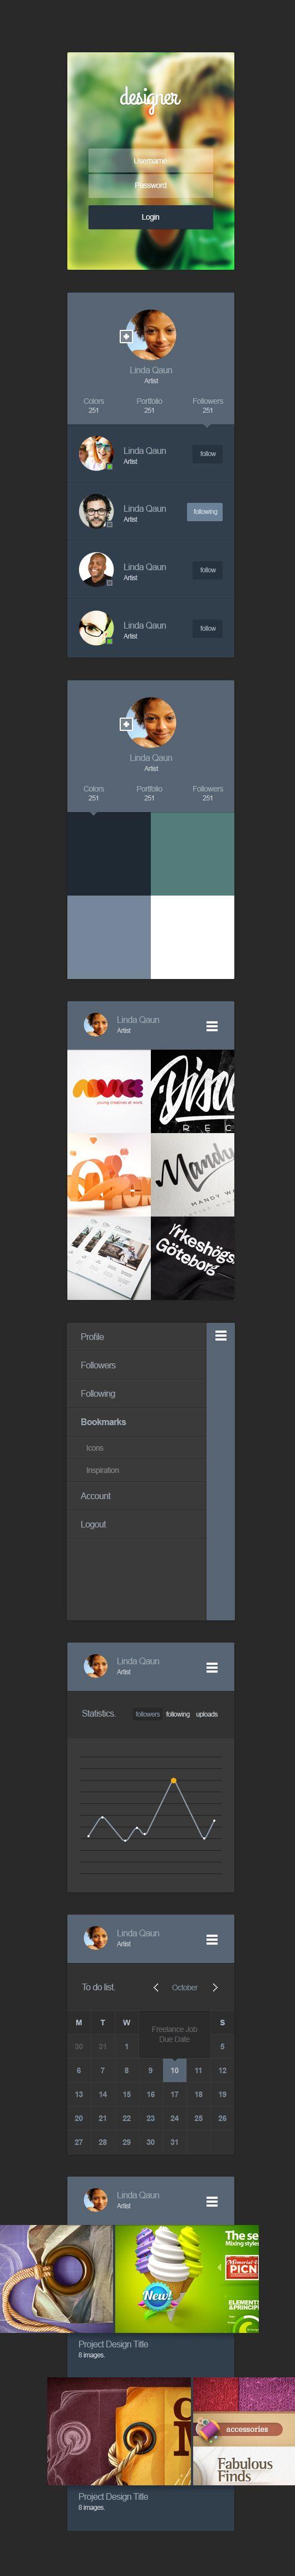 Portfolio App Design Ui Kit Psd http://www.blugraphic.com/